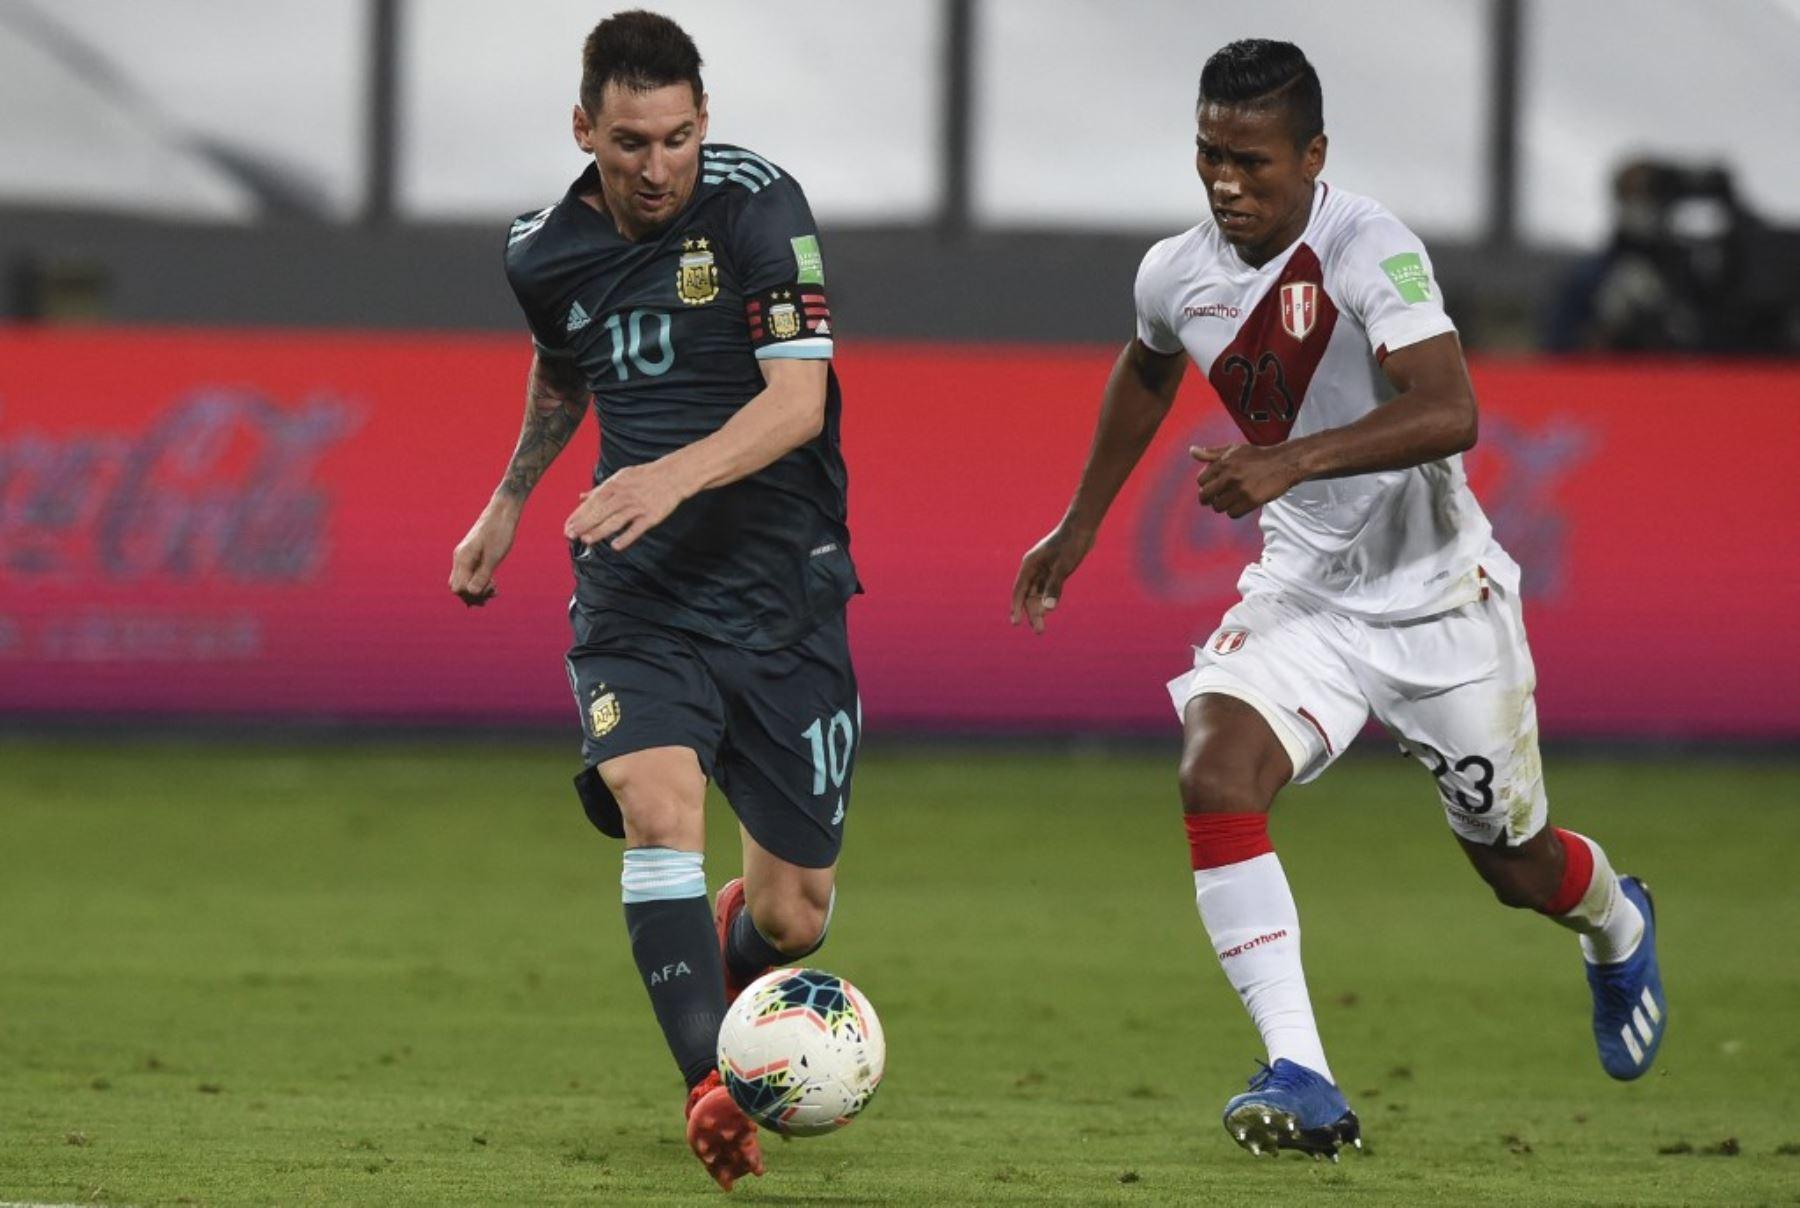 La selección peruana tiene una prueba dura ante la selección de Argentina